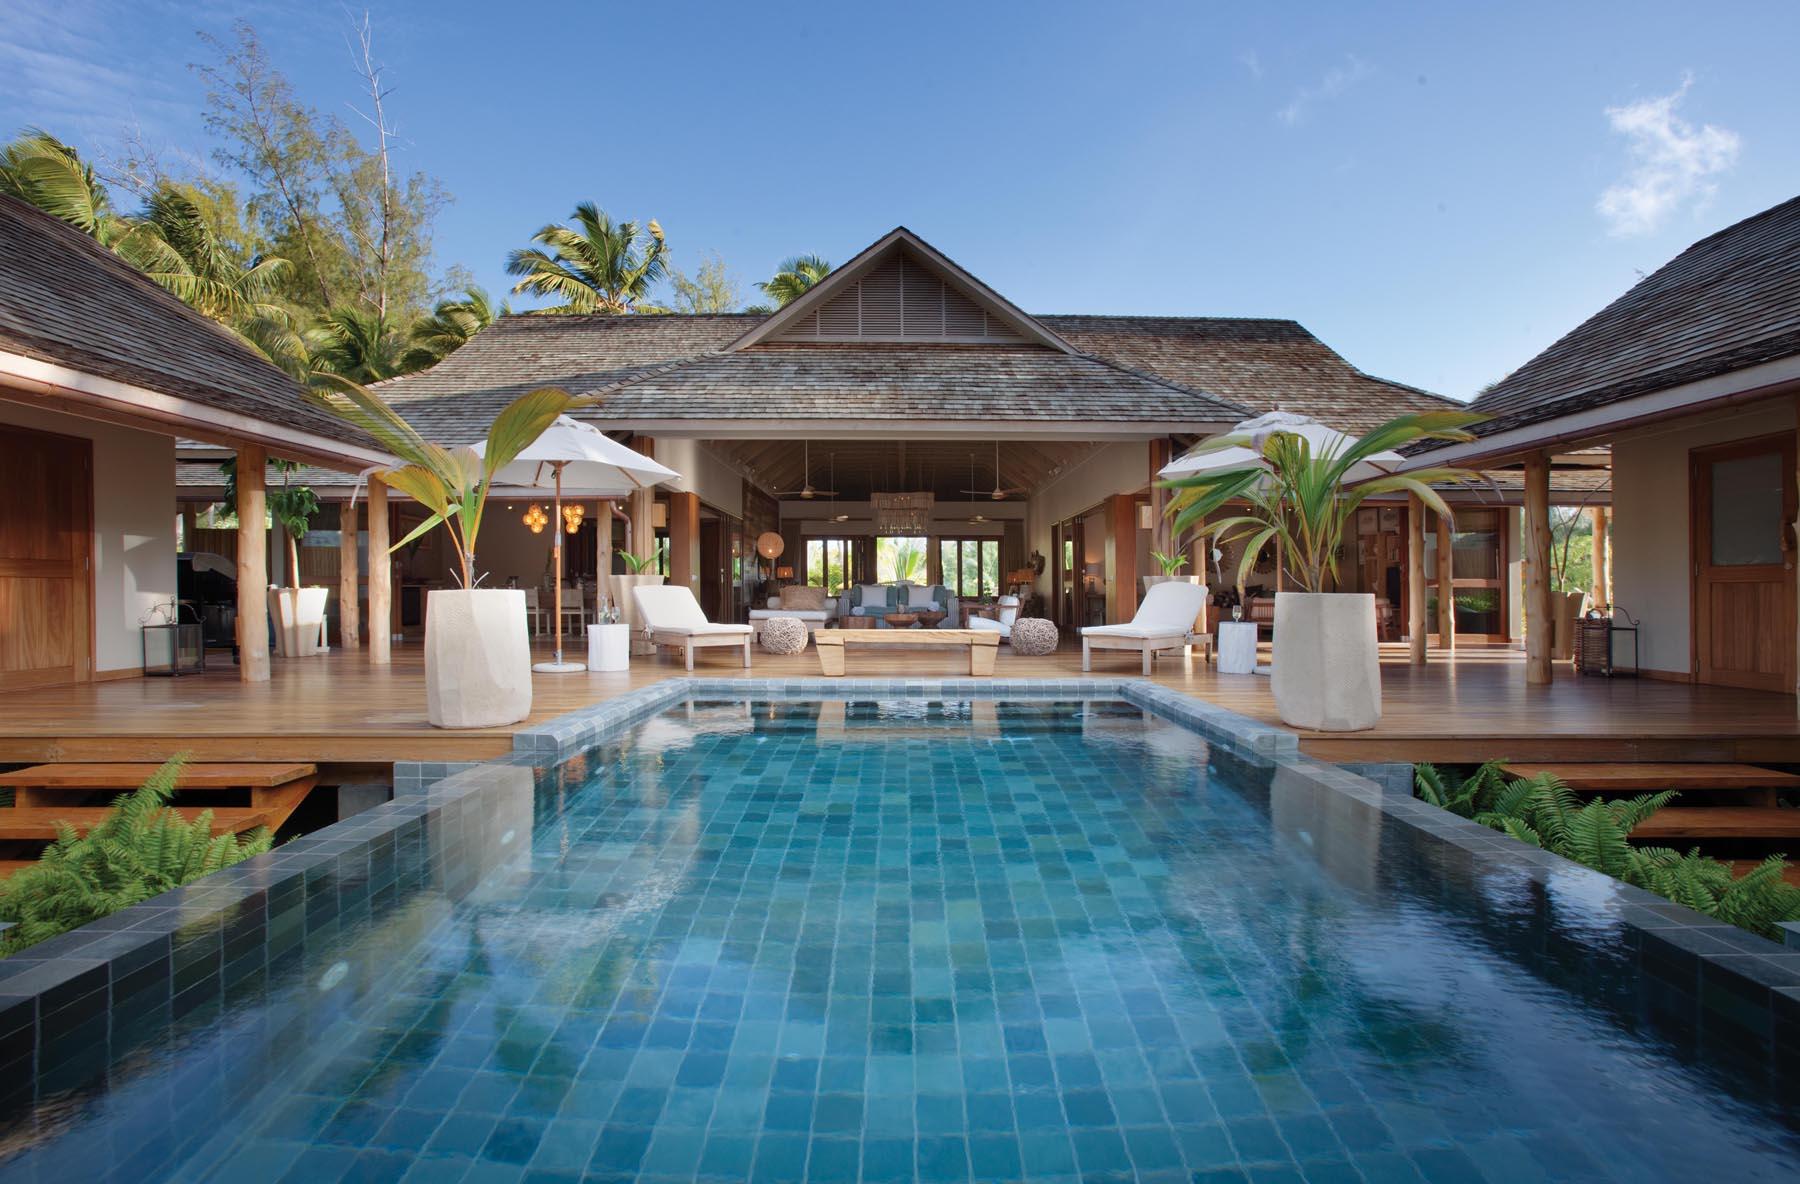 Desroches Island Resort Paradise In Seychelles IDesignArch Interior Design Architecture